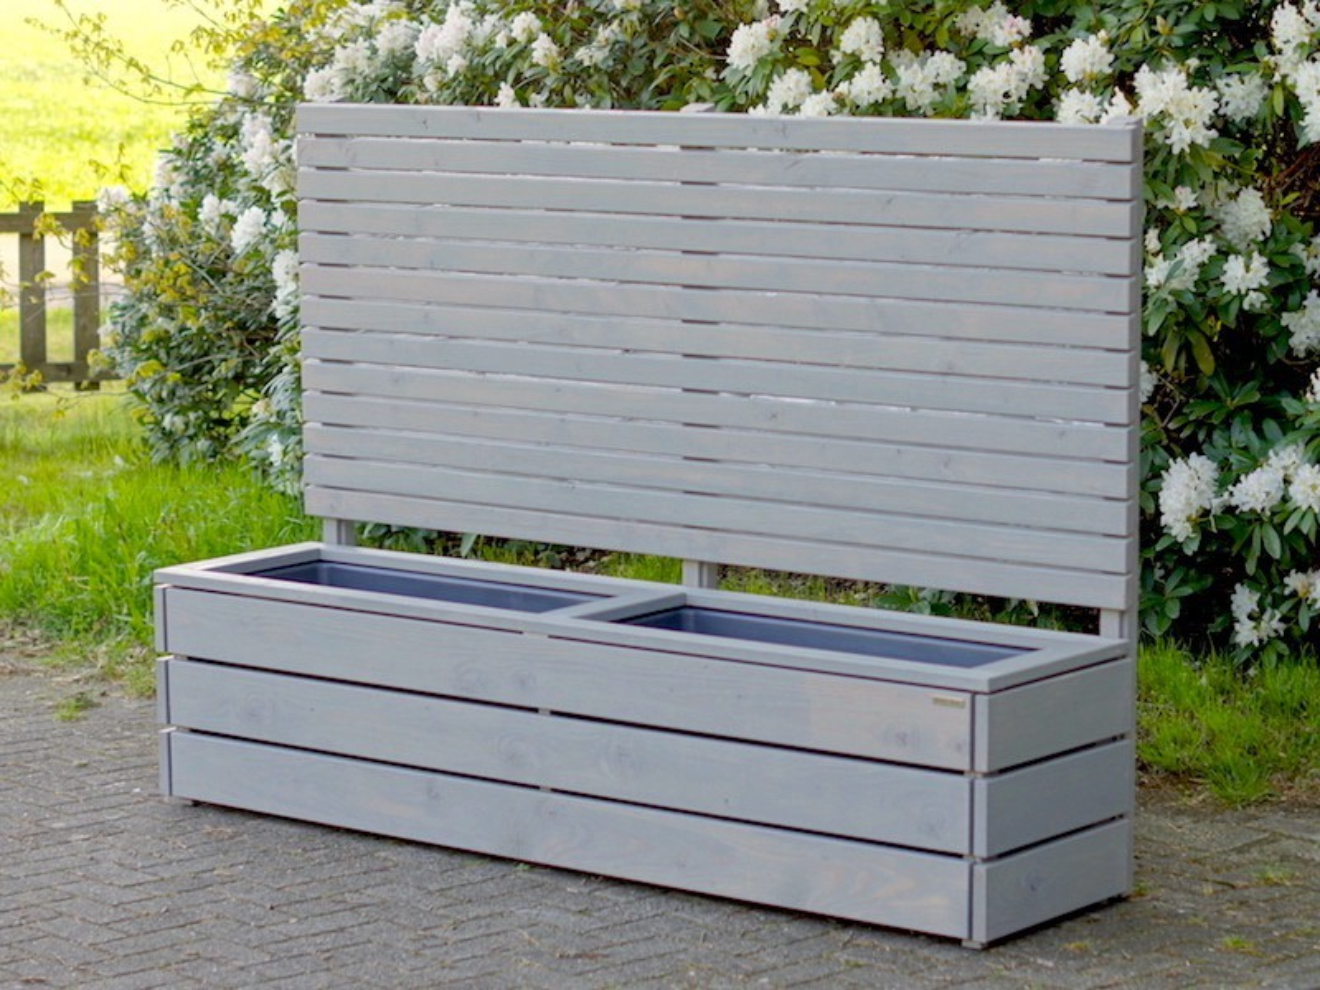 pflanzkasten mit rankgitter heimisches holz made in. Black Bedroom Furniture Sets. Home Design Ideas